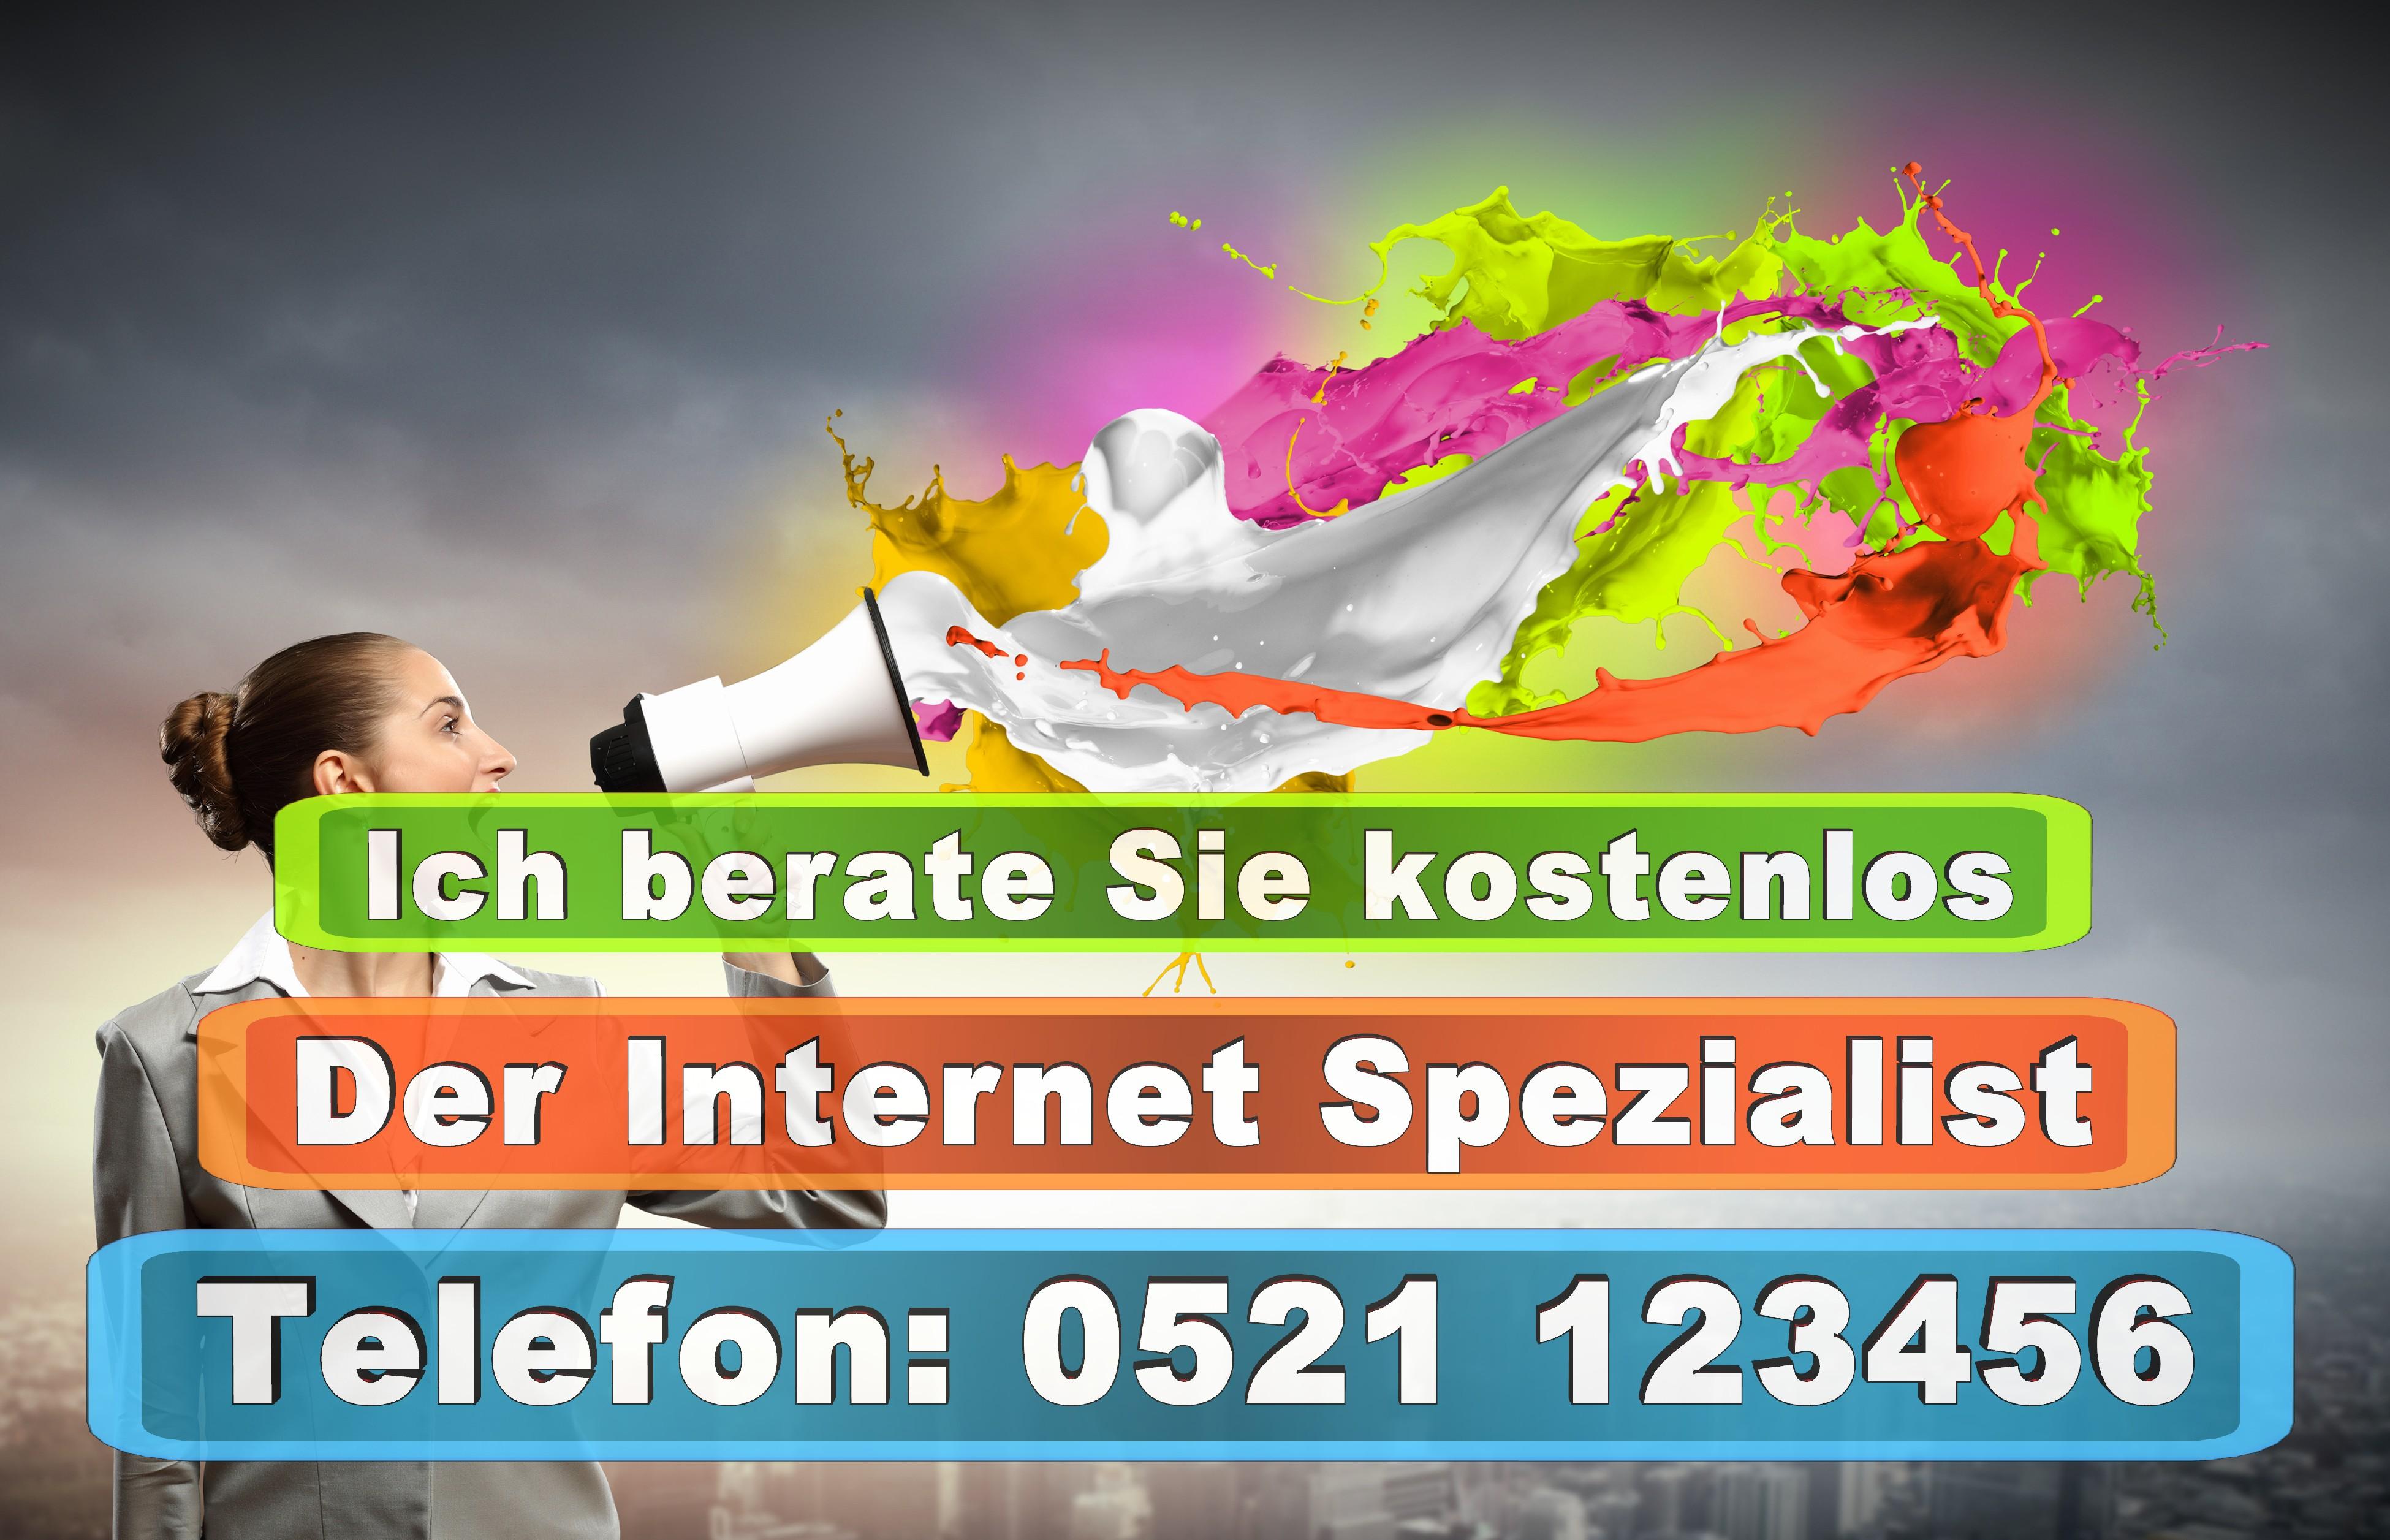 Bielefeld Werbeagenturen Druckereien Werbeplakate Print Druck Internet Computer Grafiker Designer Mode Geschäfte Bekleidung (3)